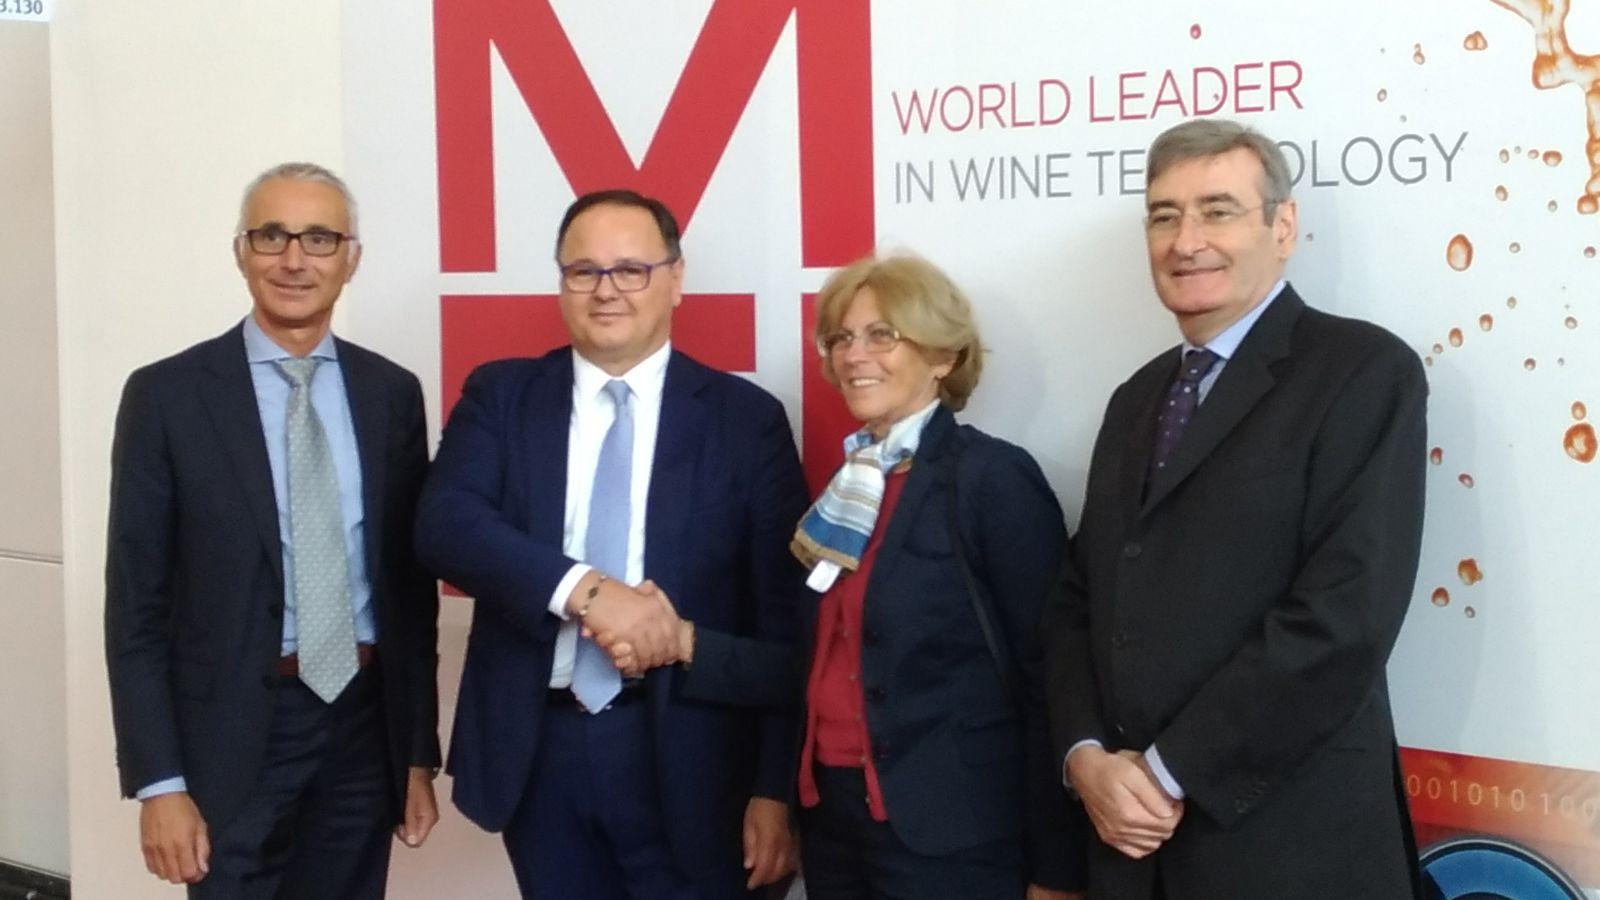 Simei, UIV sigla intese con delegazioni Cina e Sudamerica